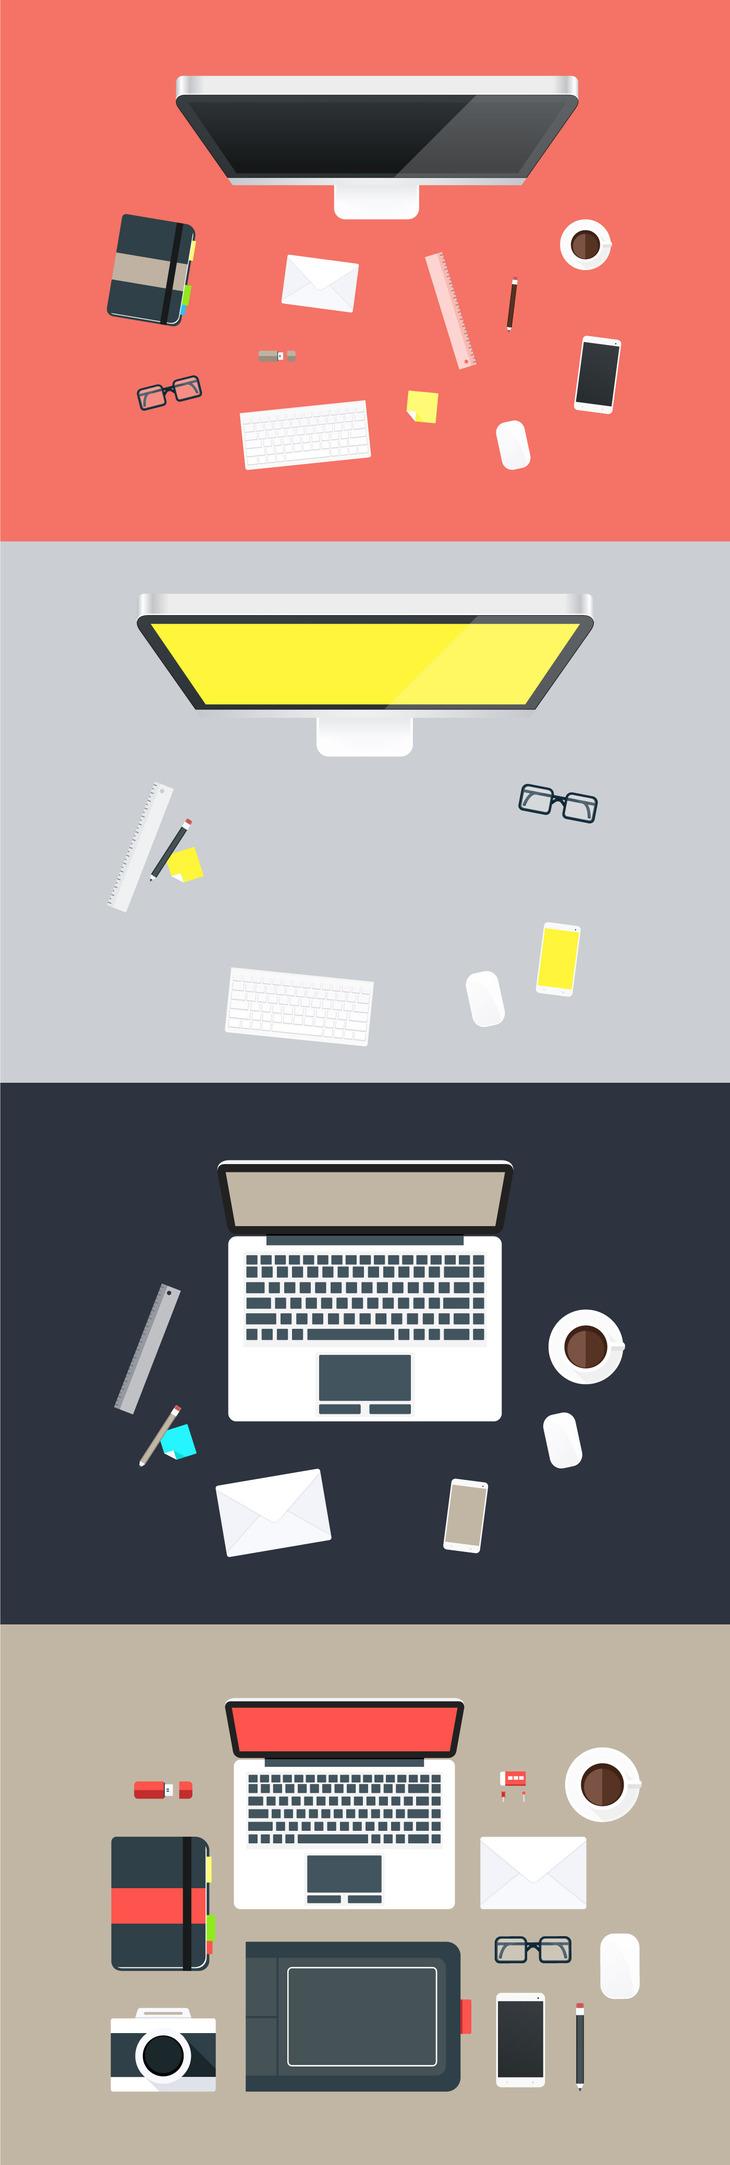 Flat Hero Desk Illustrations in Vector Format